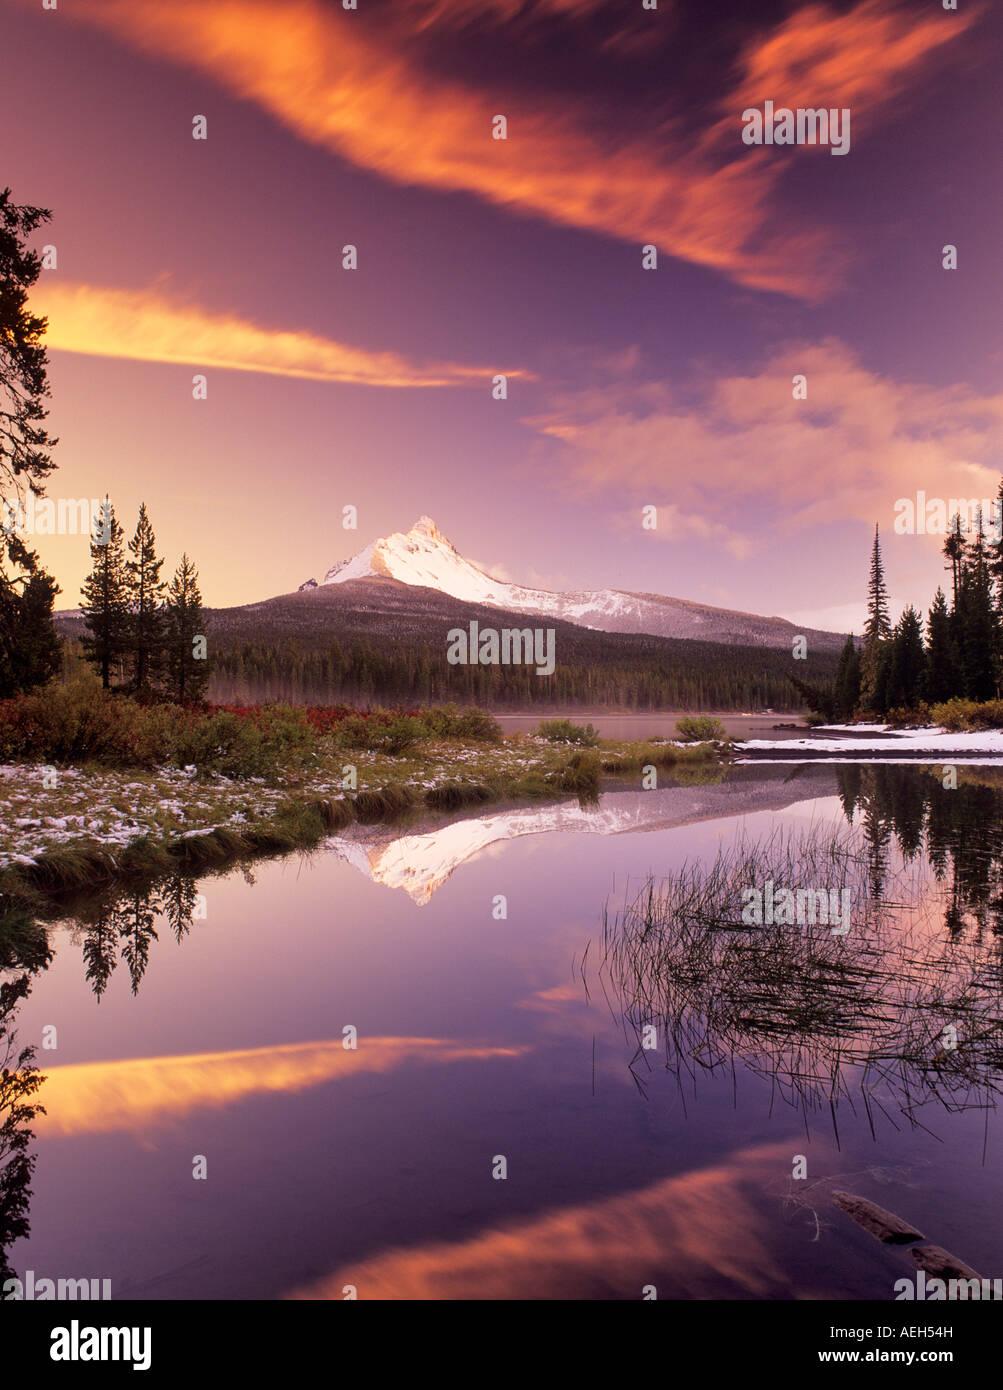 Mount Washington y gran lago con nieve y sunset Oregon Imagen De Stock